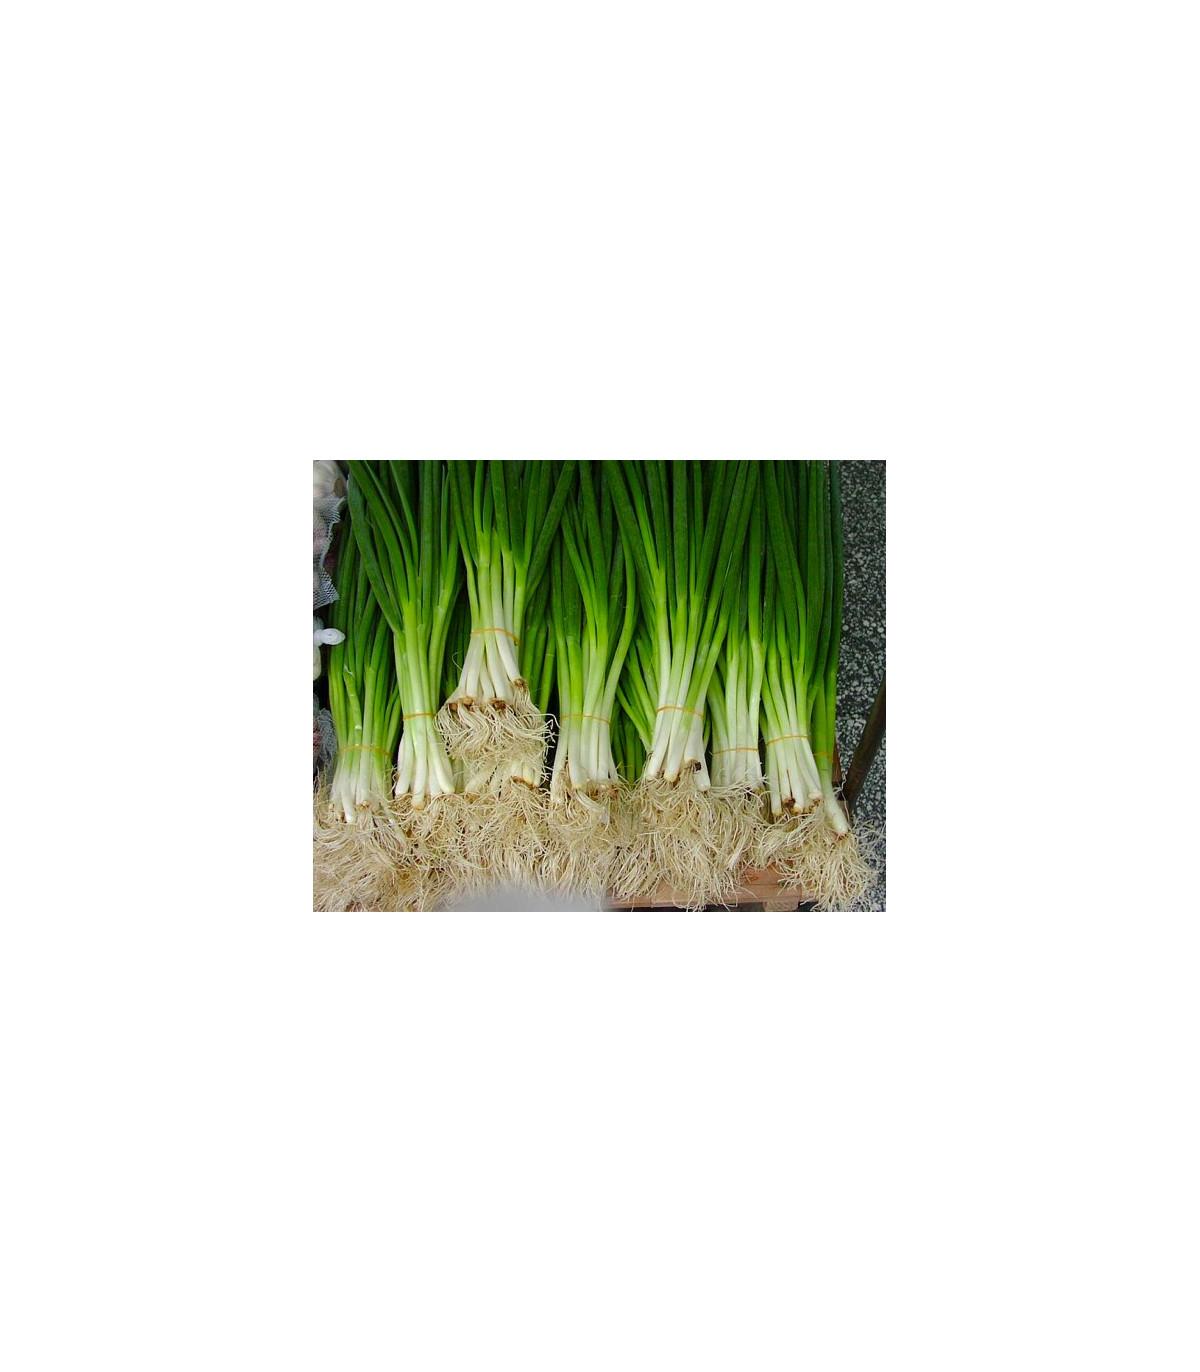 Cibule sečka - semena Cibule - Allium fistulosum L. - 1 gr